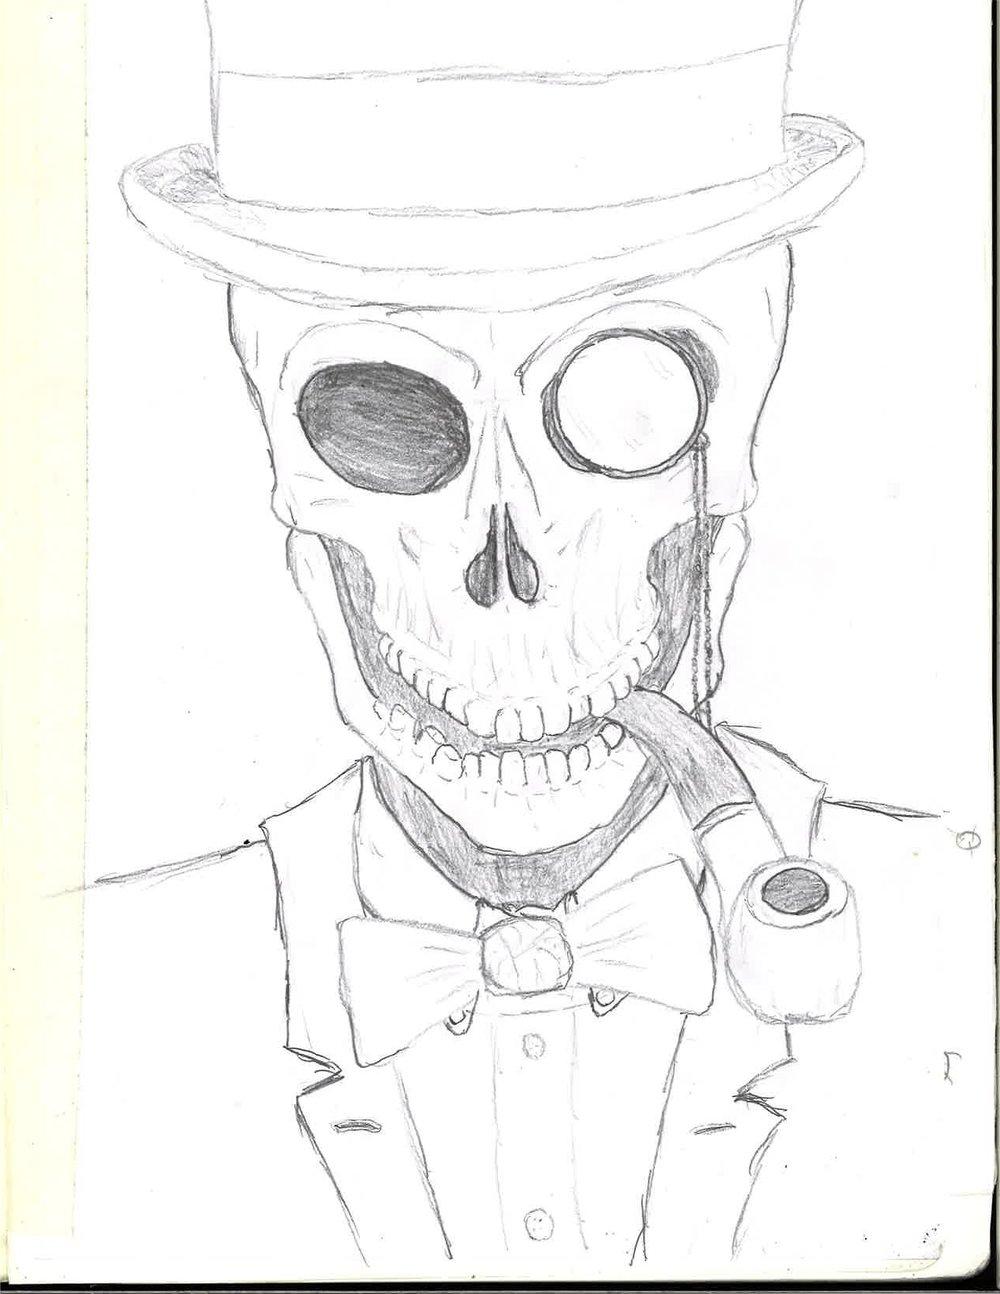 Sketchbook_Page_02.jpg